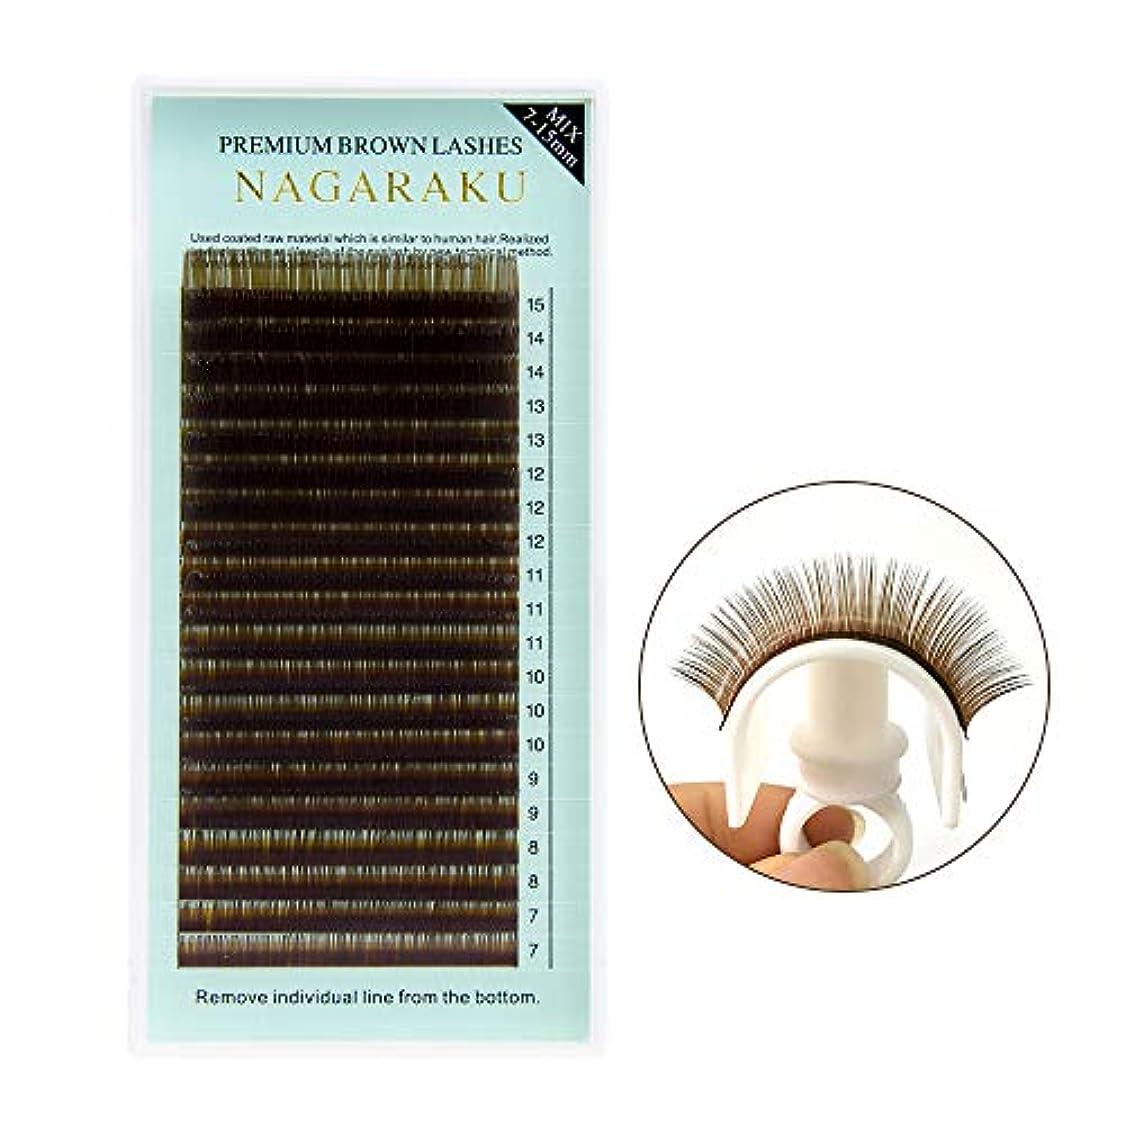 プロフェッショナル先のことを考える辛なNAGARAKU褐色ブラウン20列まつげエクステ混合長さミックスマツエク柔らかい自然なアイラッシュ(0.15 D Mix)